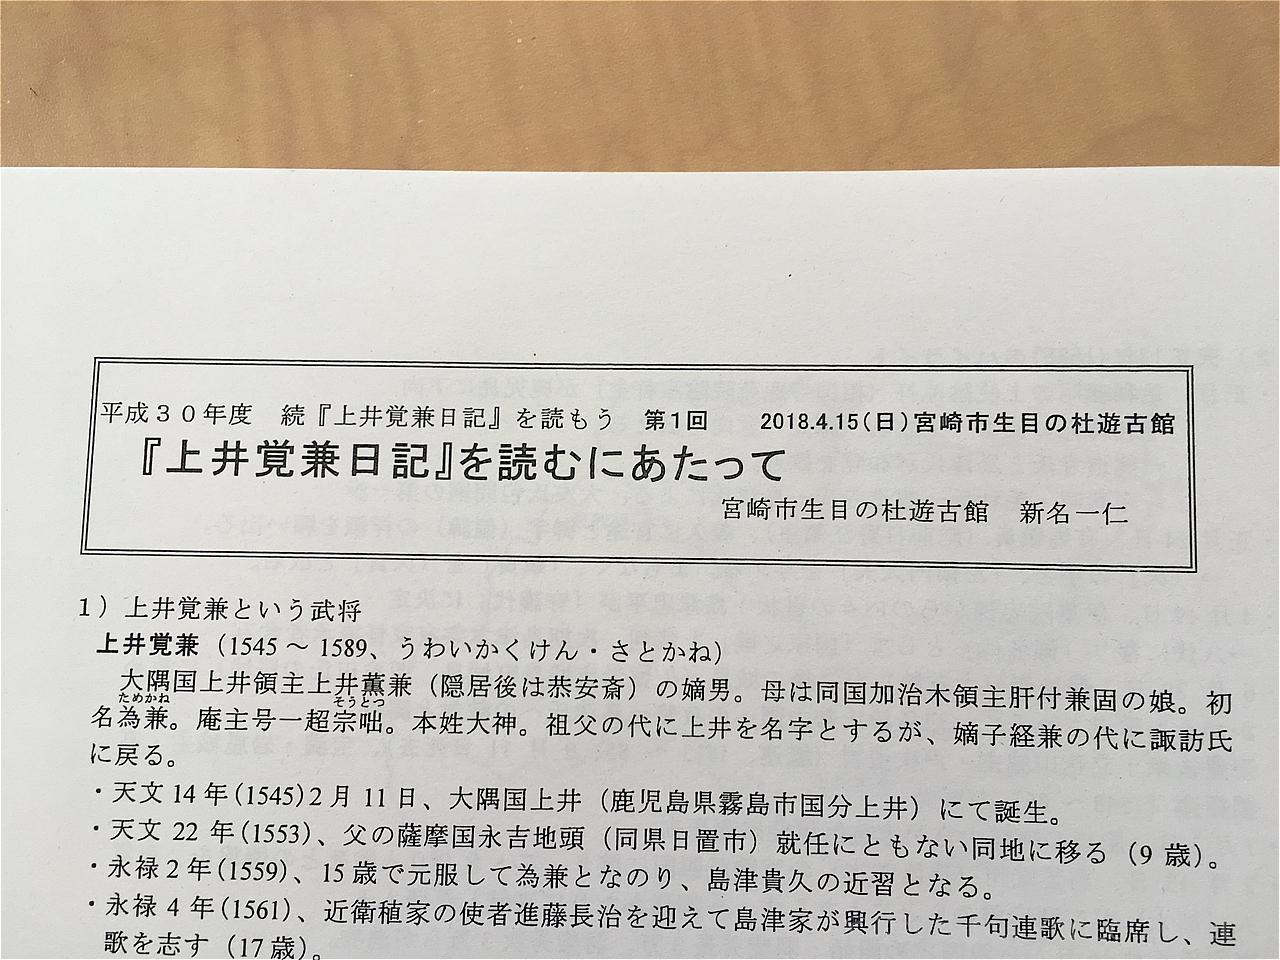 上井覚兼日記を読もう講座